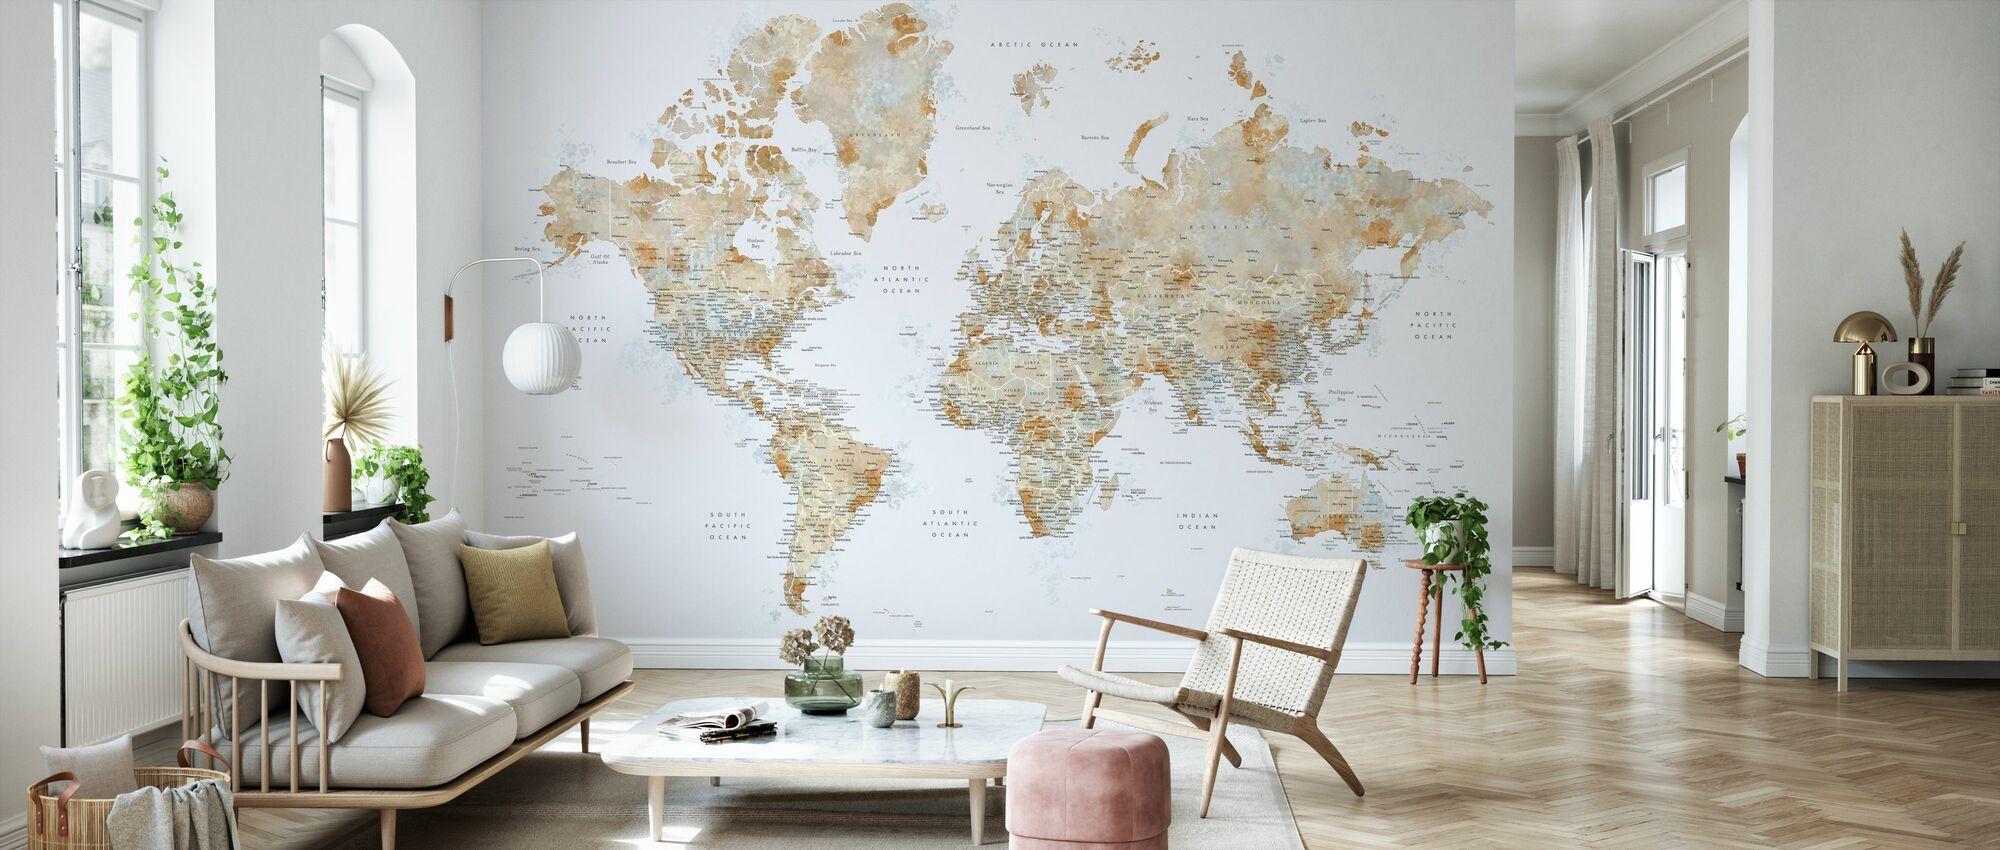 Weltkarte mit Städten - Tapete - Wohnzimmer